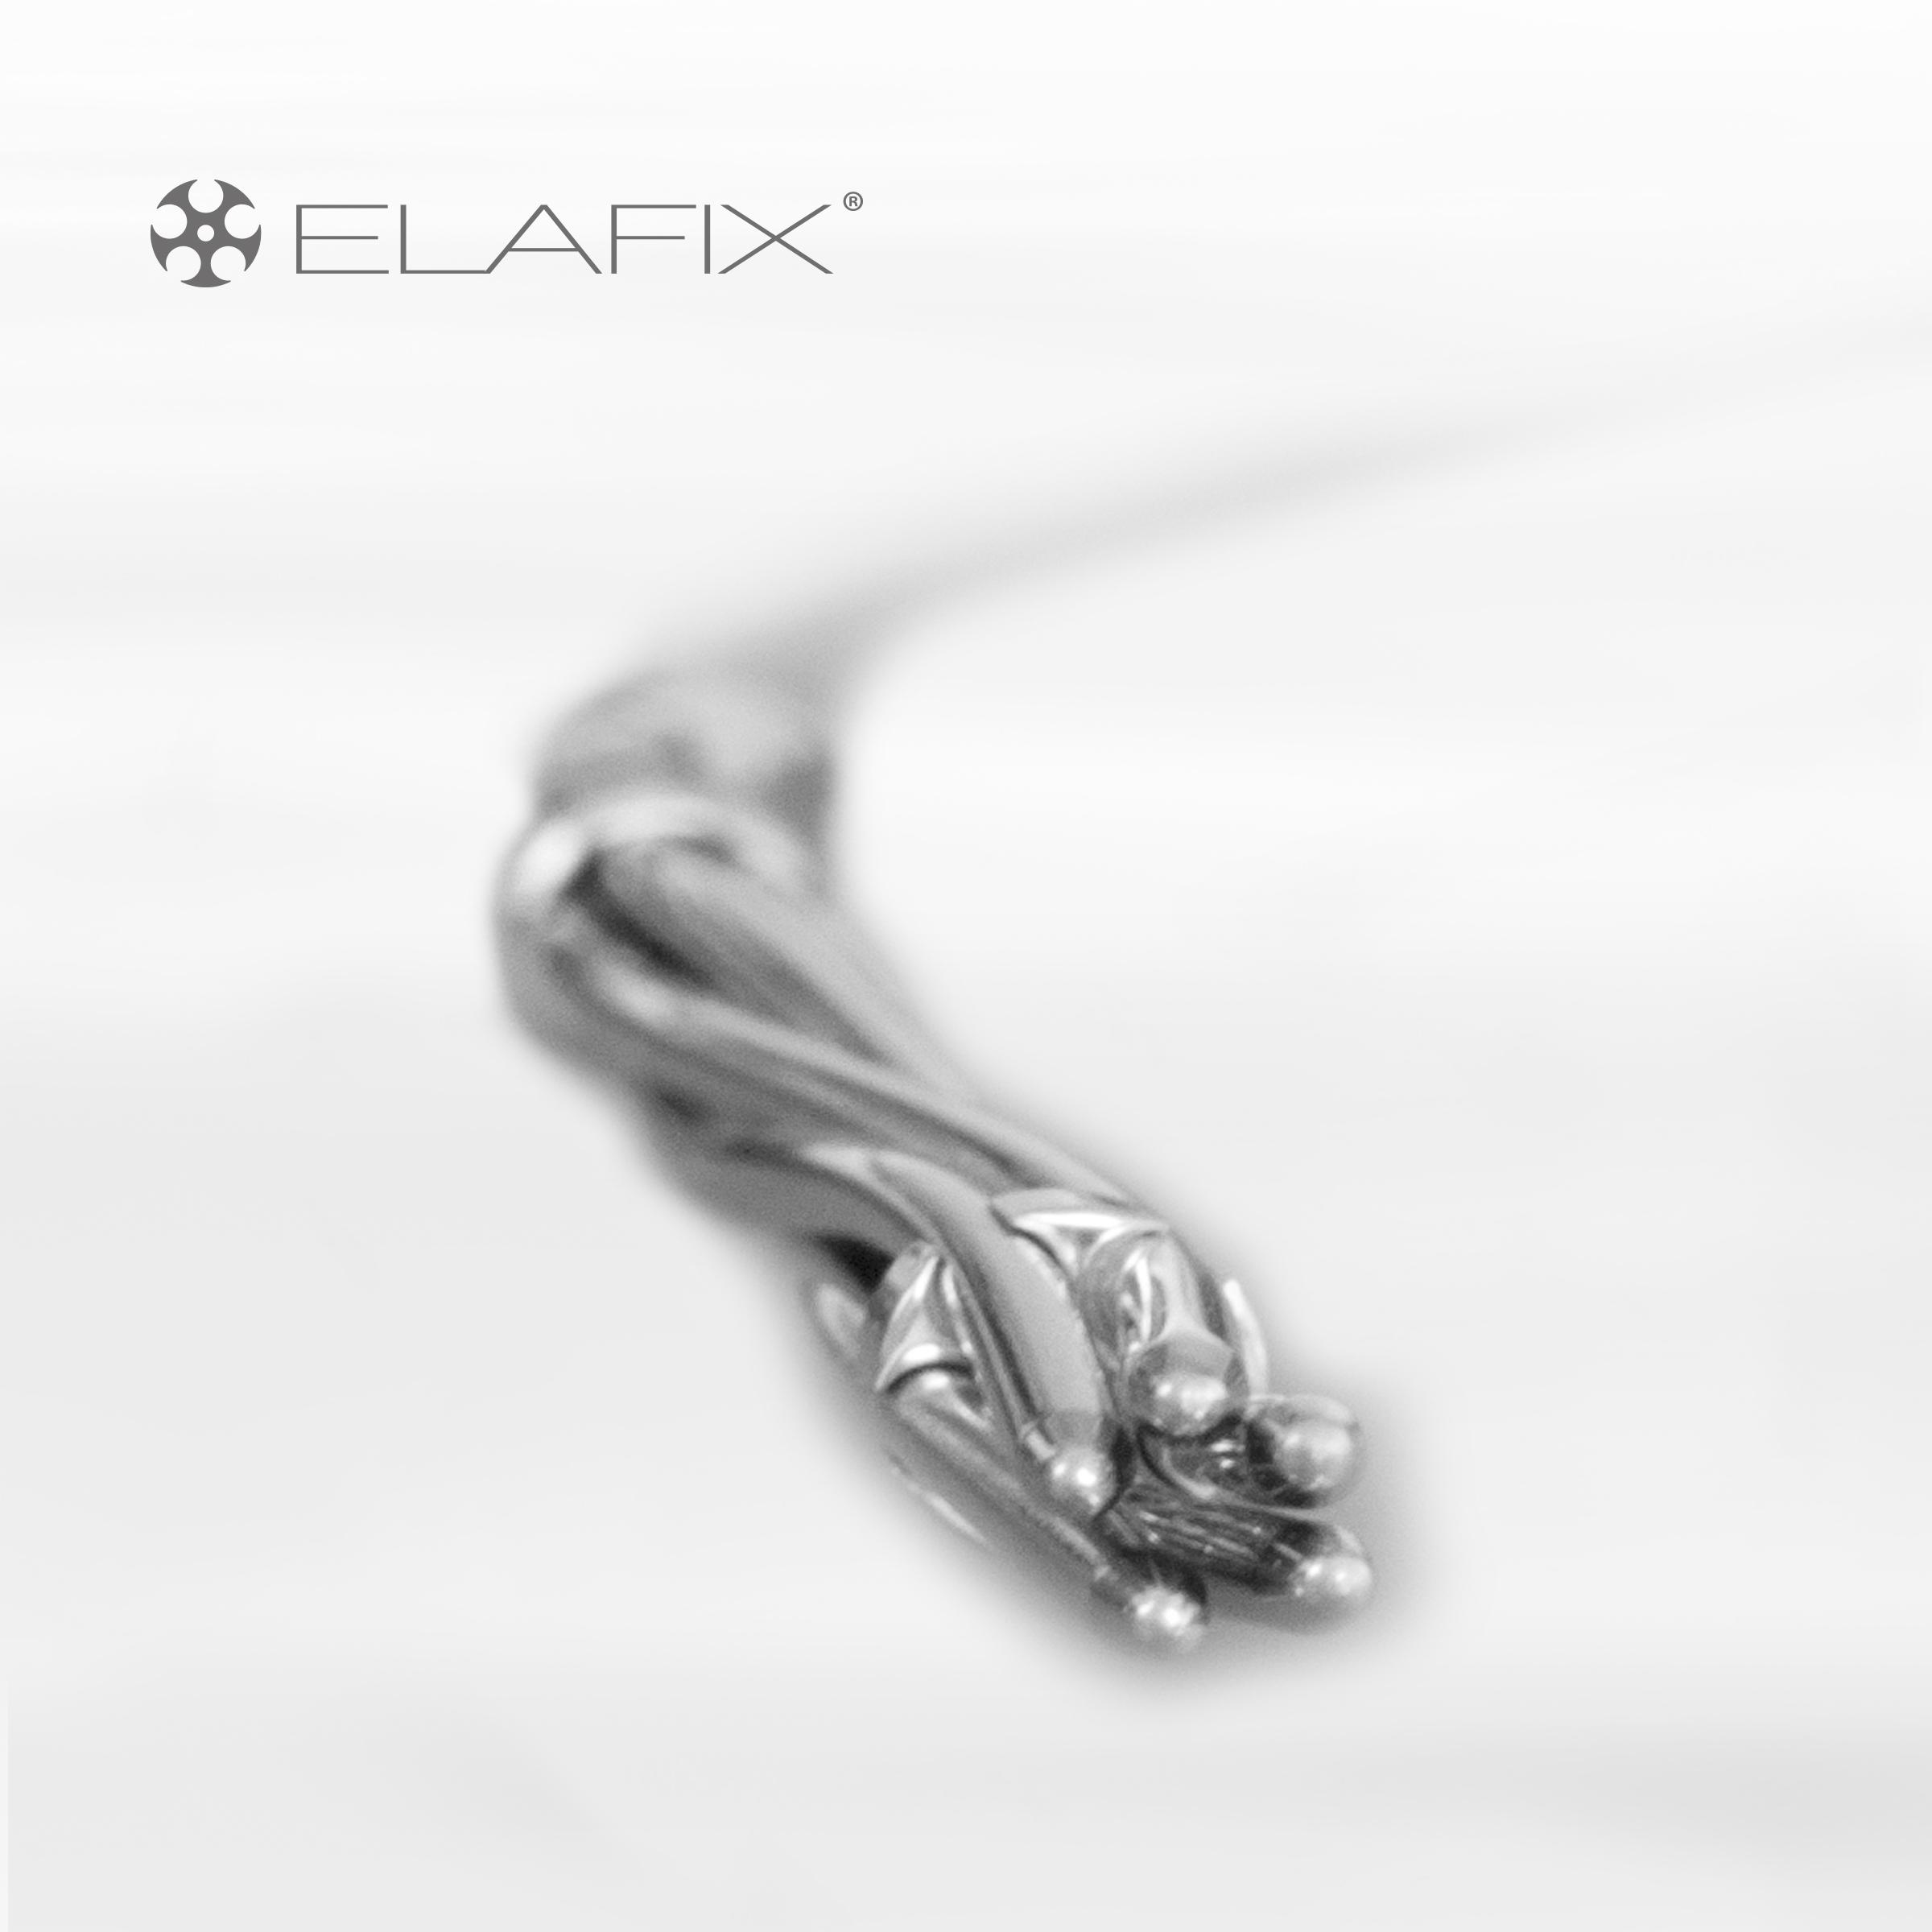 Elafix